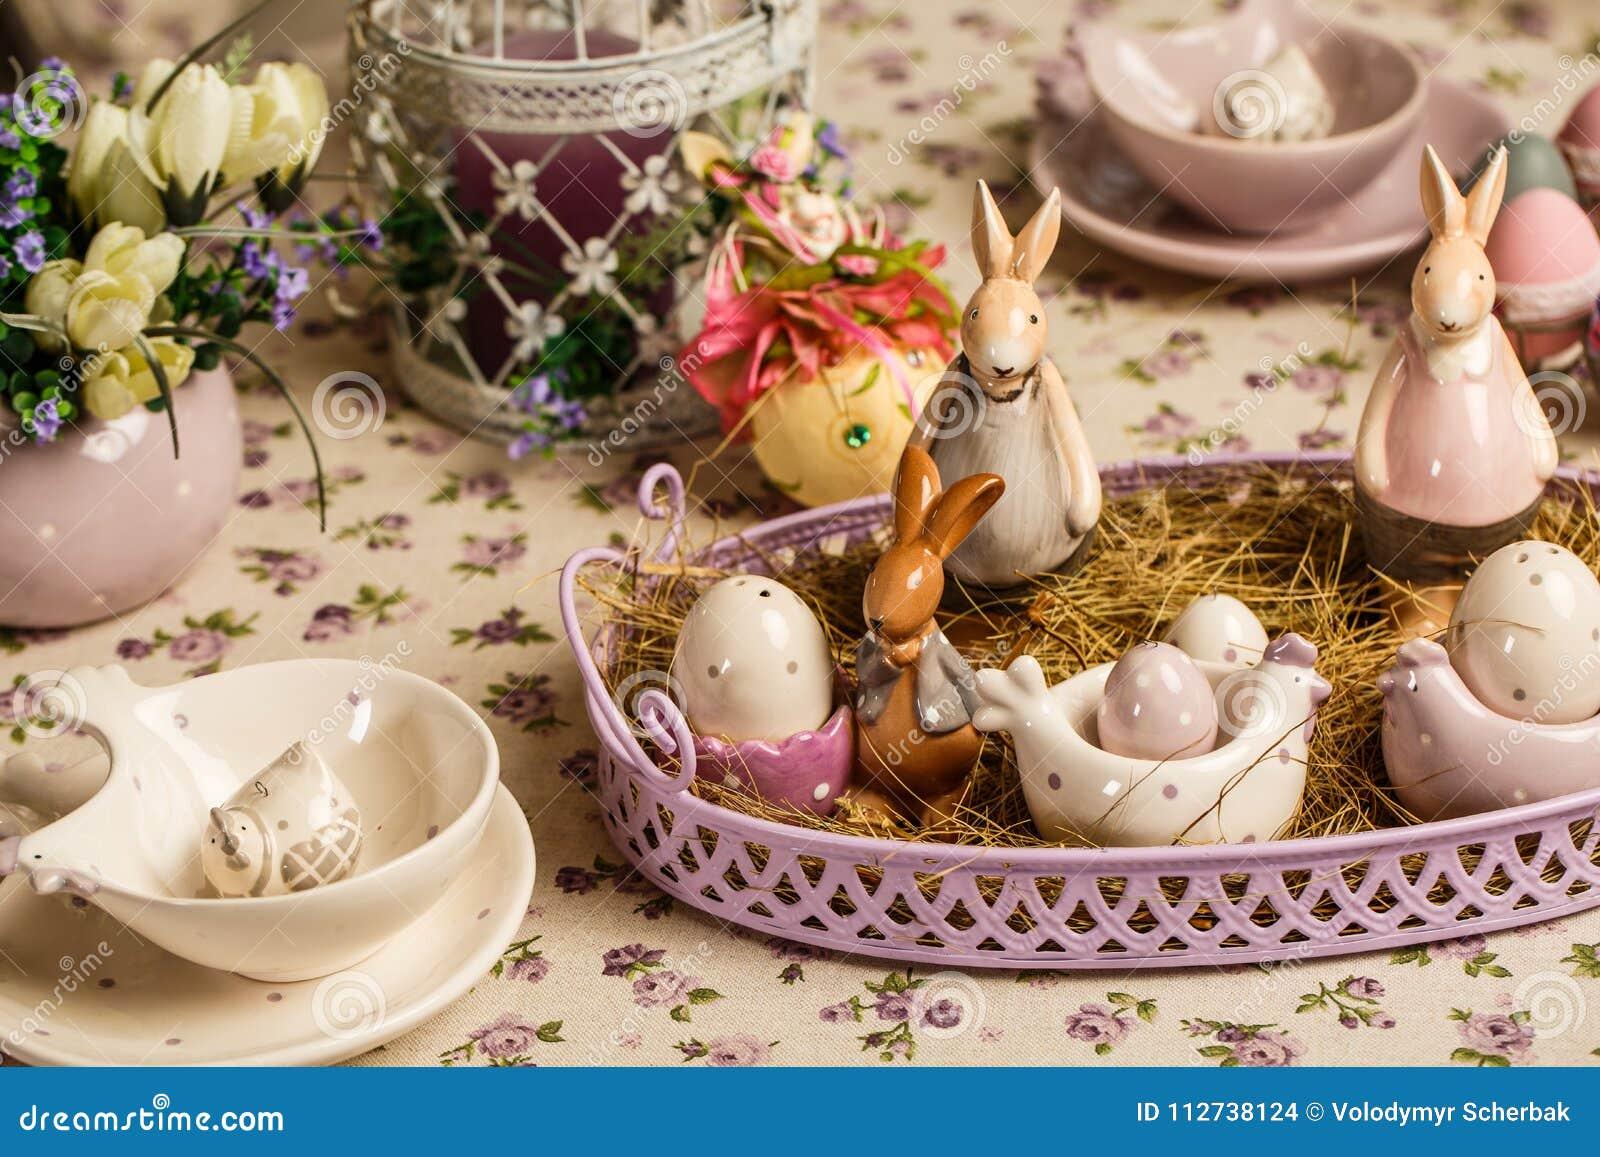 Ο πίνακας προγευμάτων Πάσχας με το τσάι, αυγά στα φλυτζάνια αυγών, άνοιξη ανθίζει στο βάζο και το ντεκόρ Πάσχας